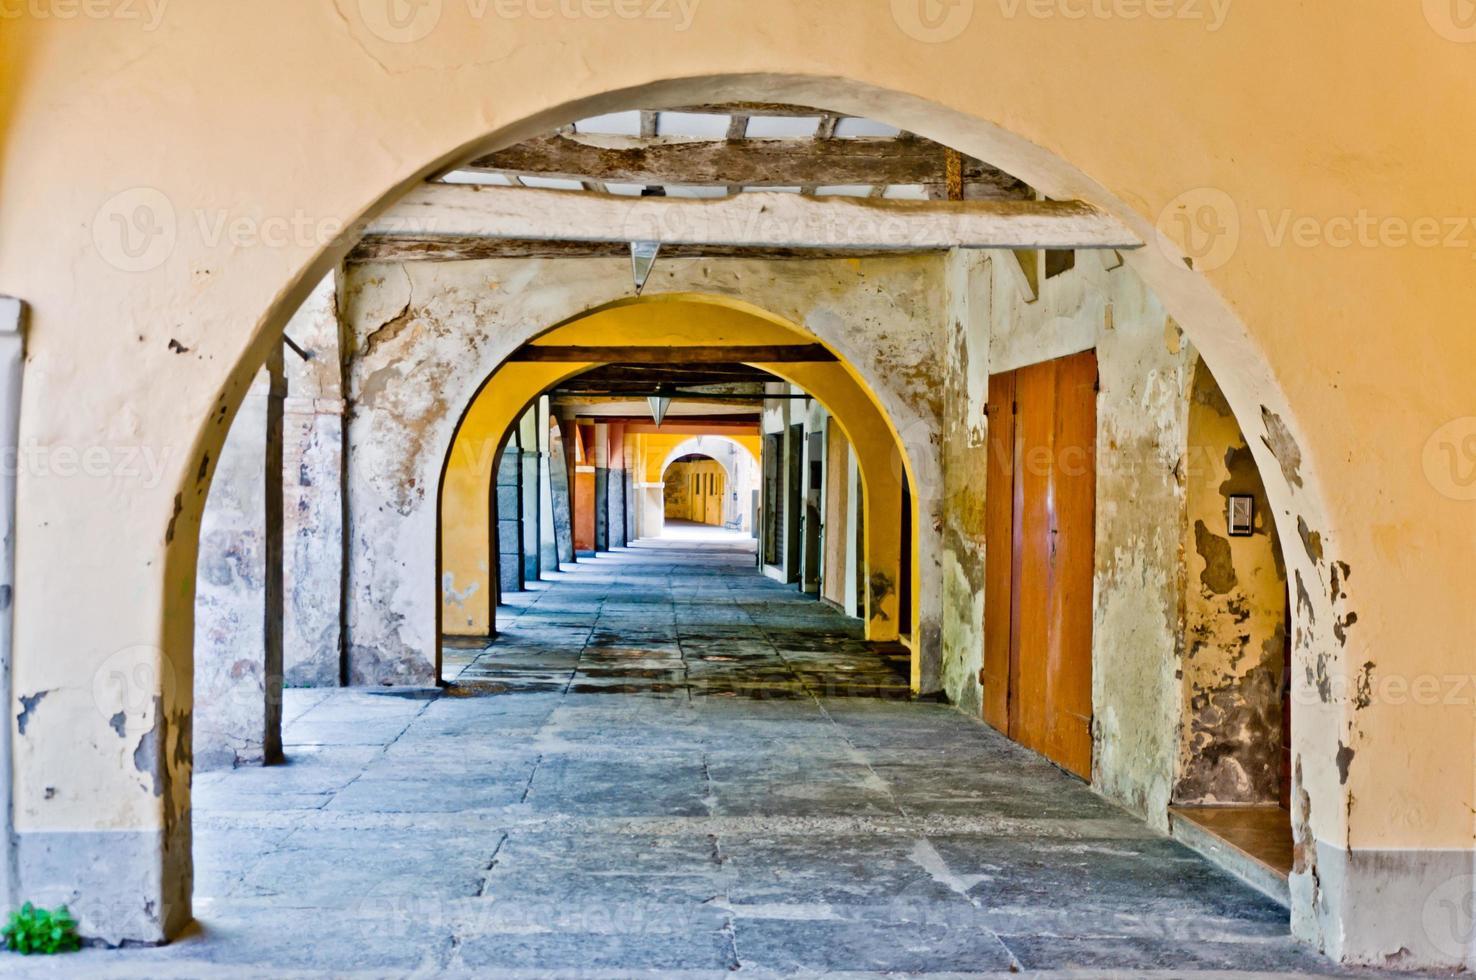 tipico portico italiano foto